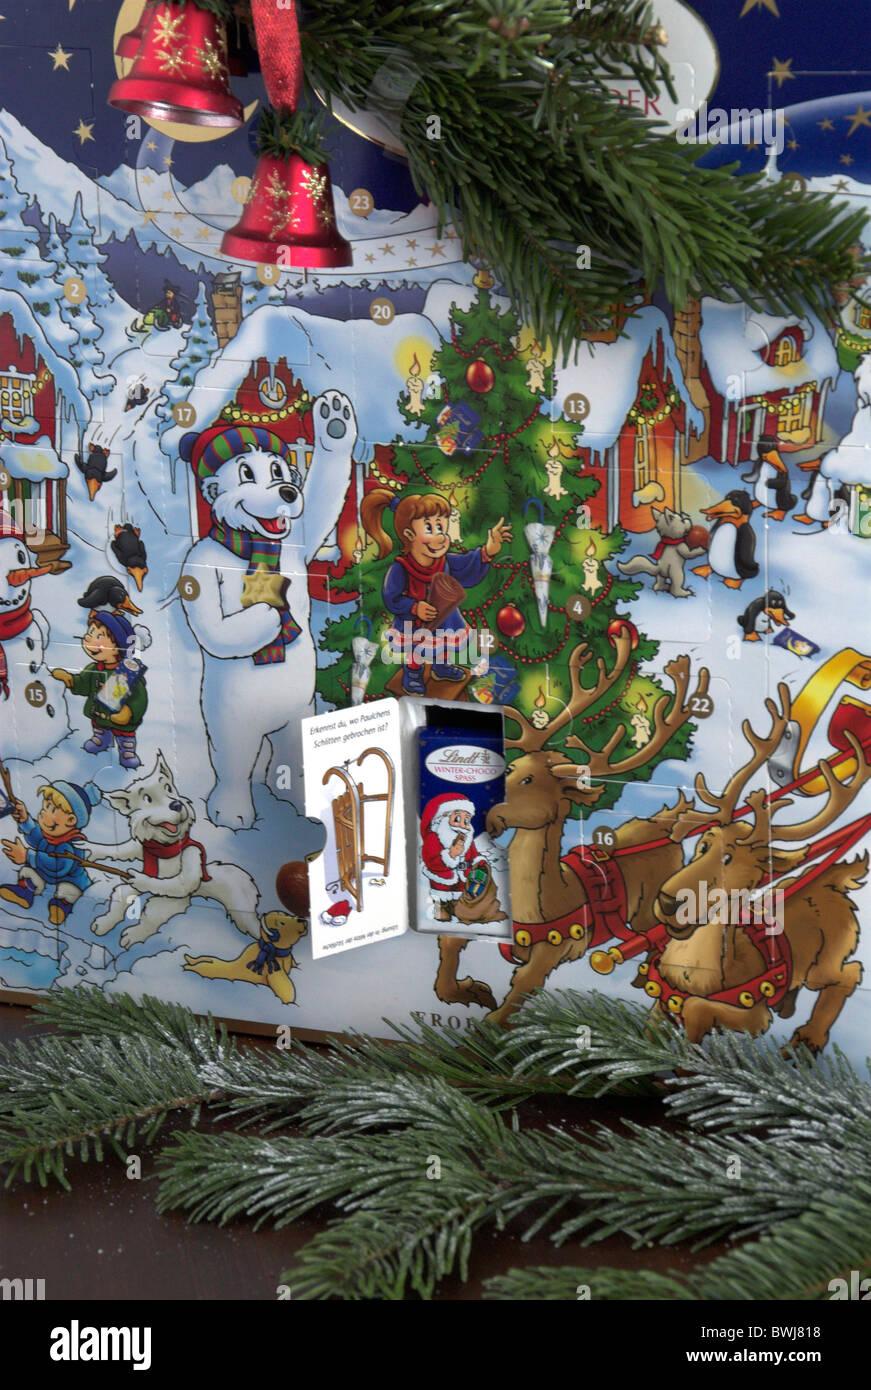 Calendario Avvento Cioccolato.Natale Calendario Dell Avvento Presenta Il Trattamento